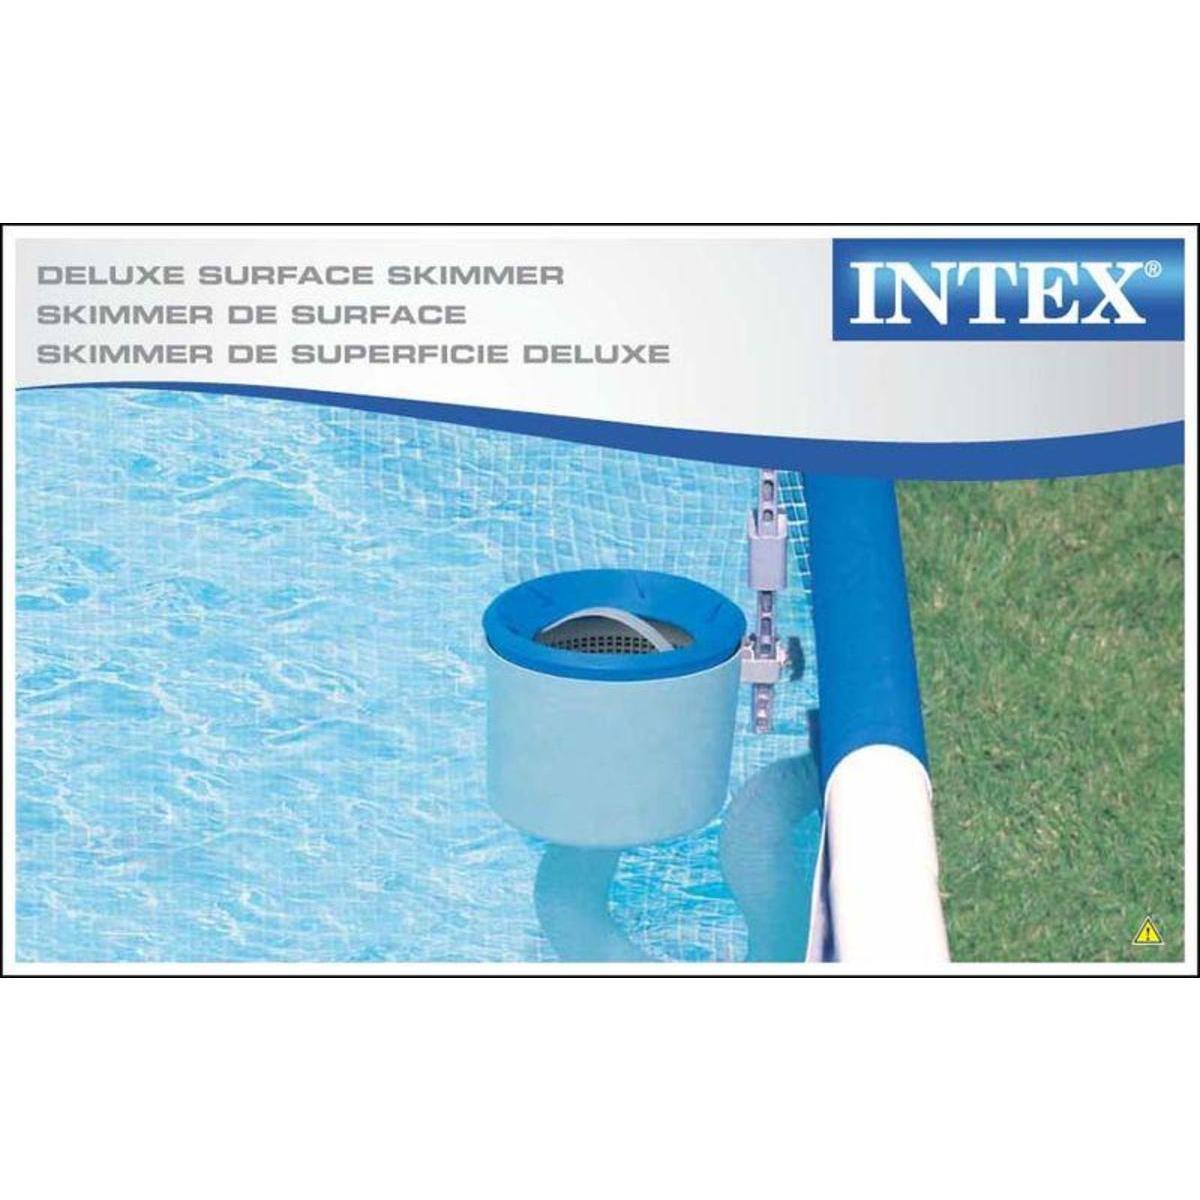 Skimmer de surface pour piscine Intex Deluxe 28000E - Chateaugiron et Pleumeleuc (35)